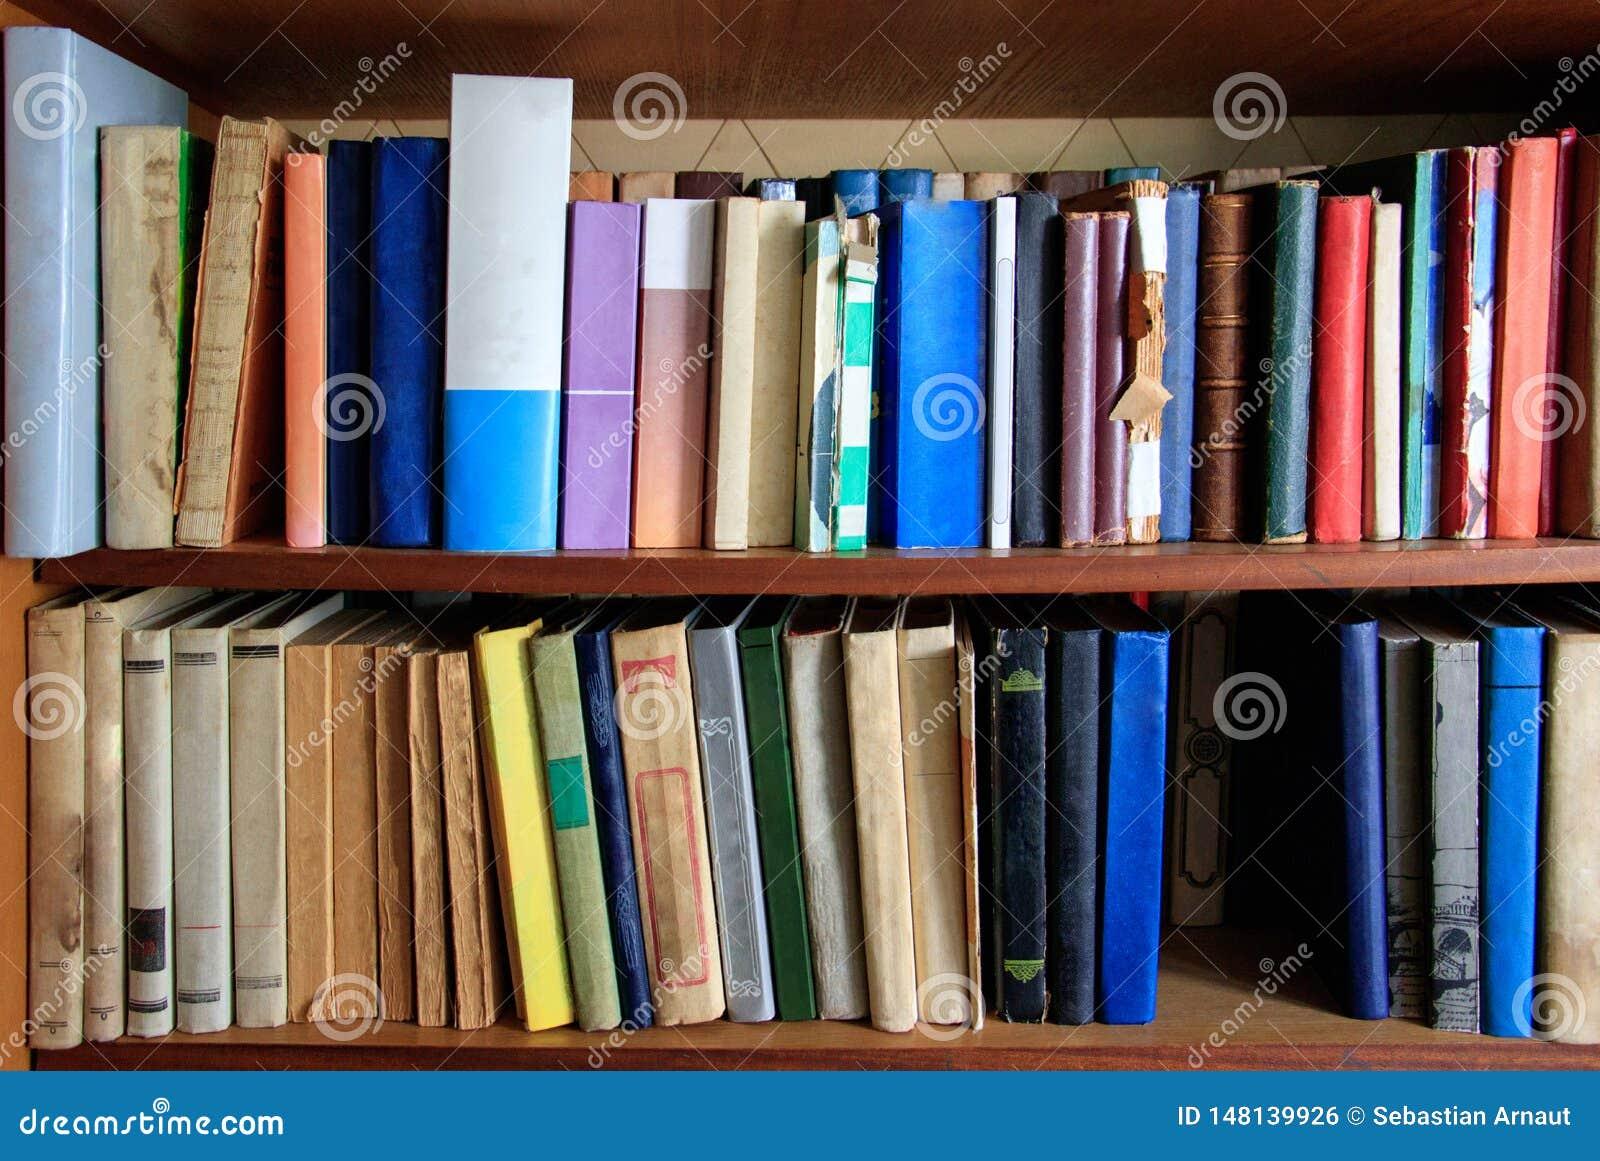 Muitos livros diferentes estão nas prateleiras